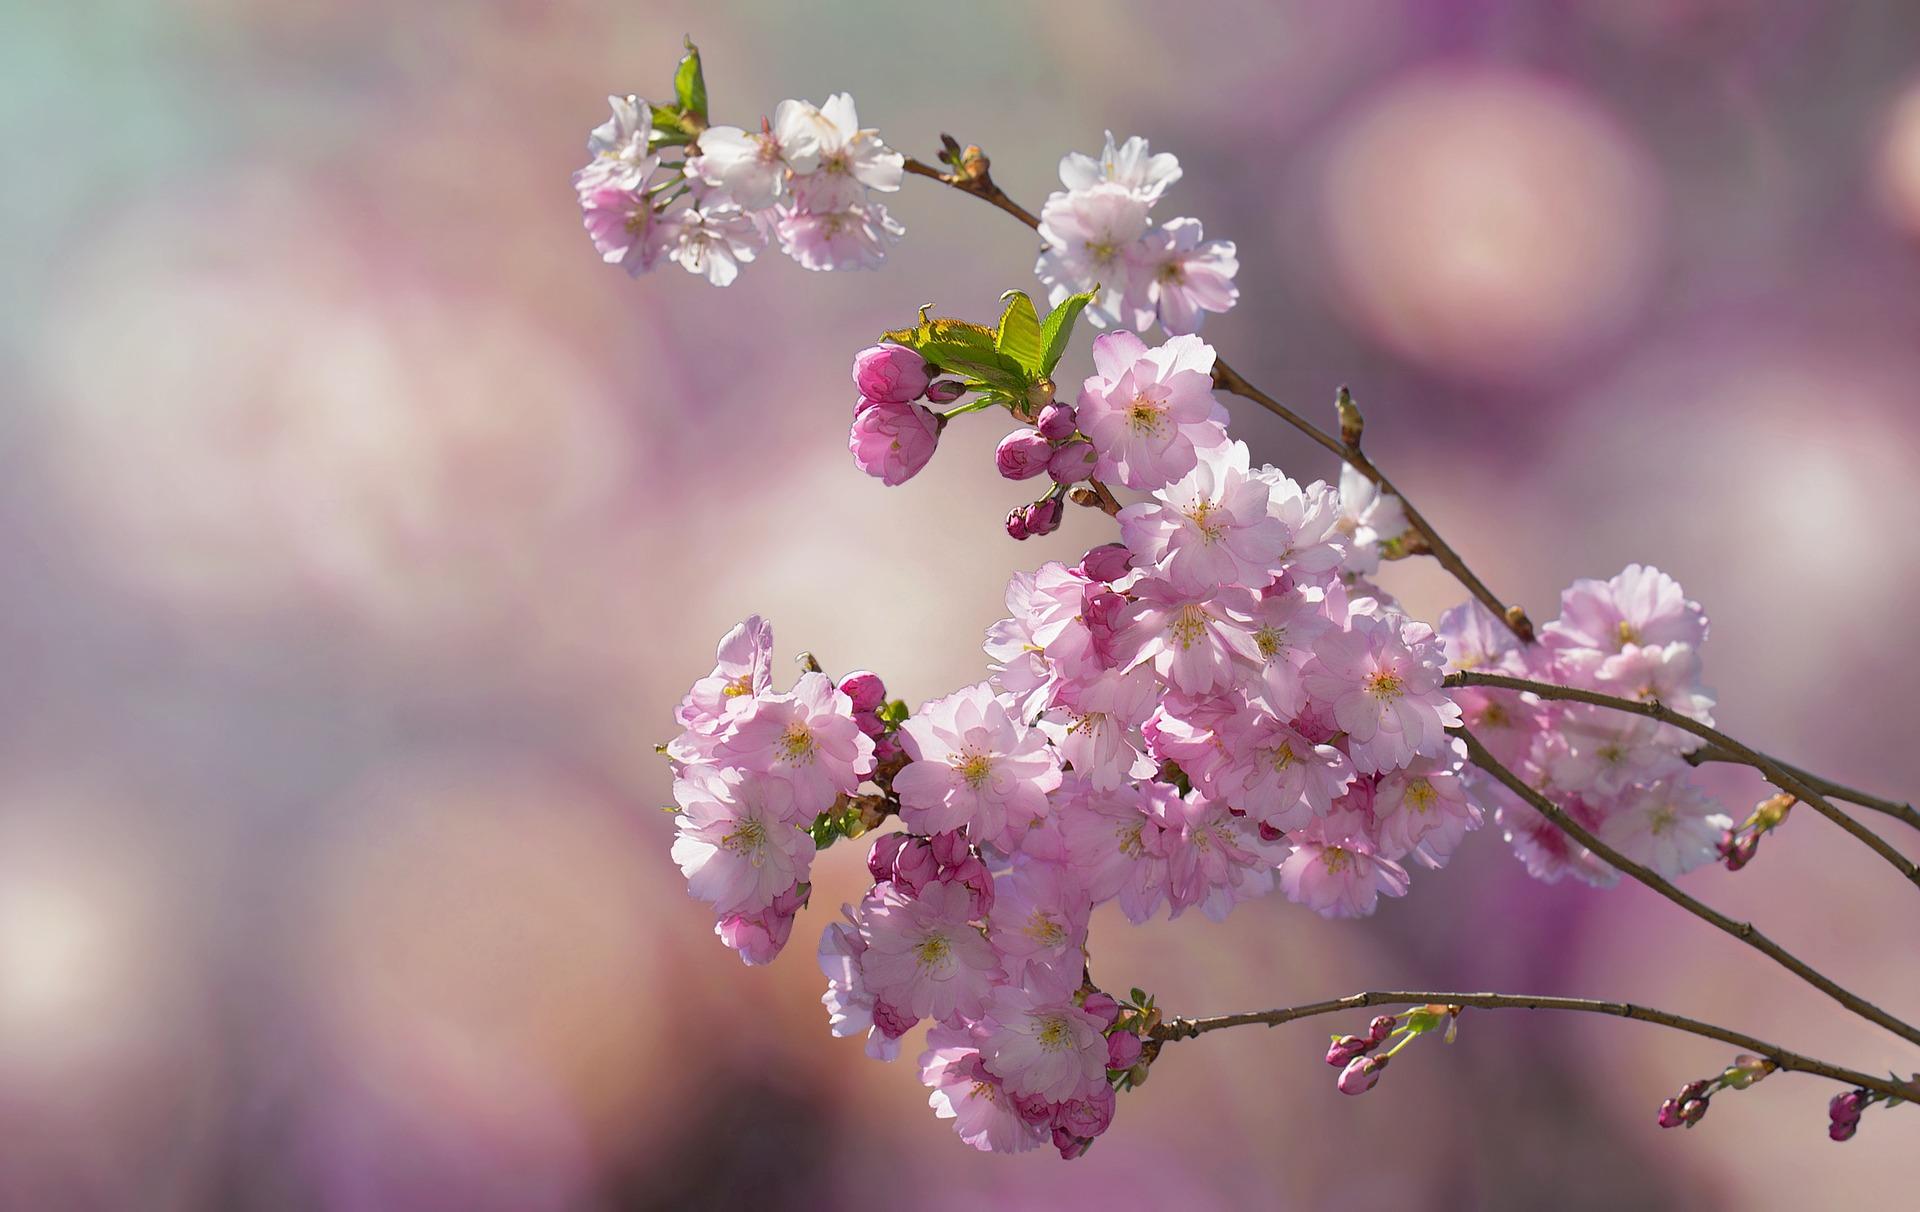 flowering-twig-2057360_1920.jpg